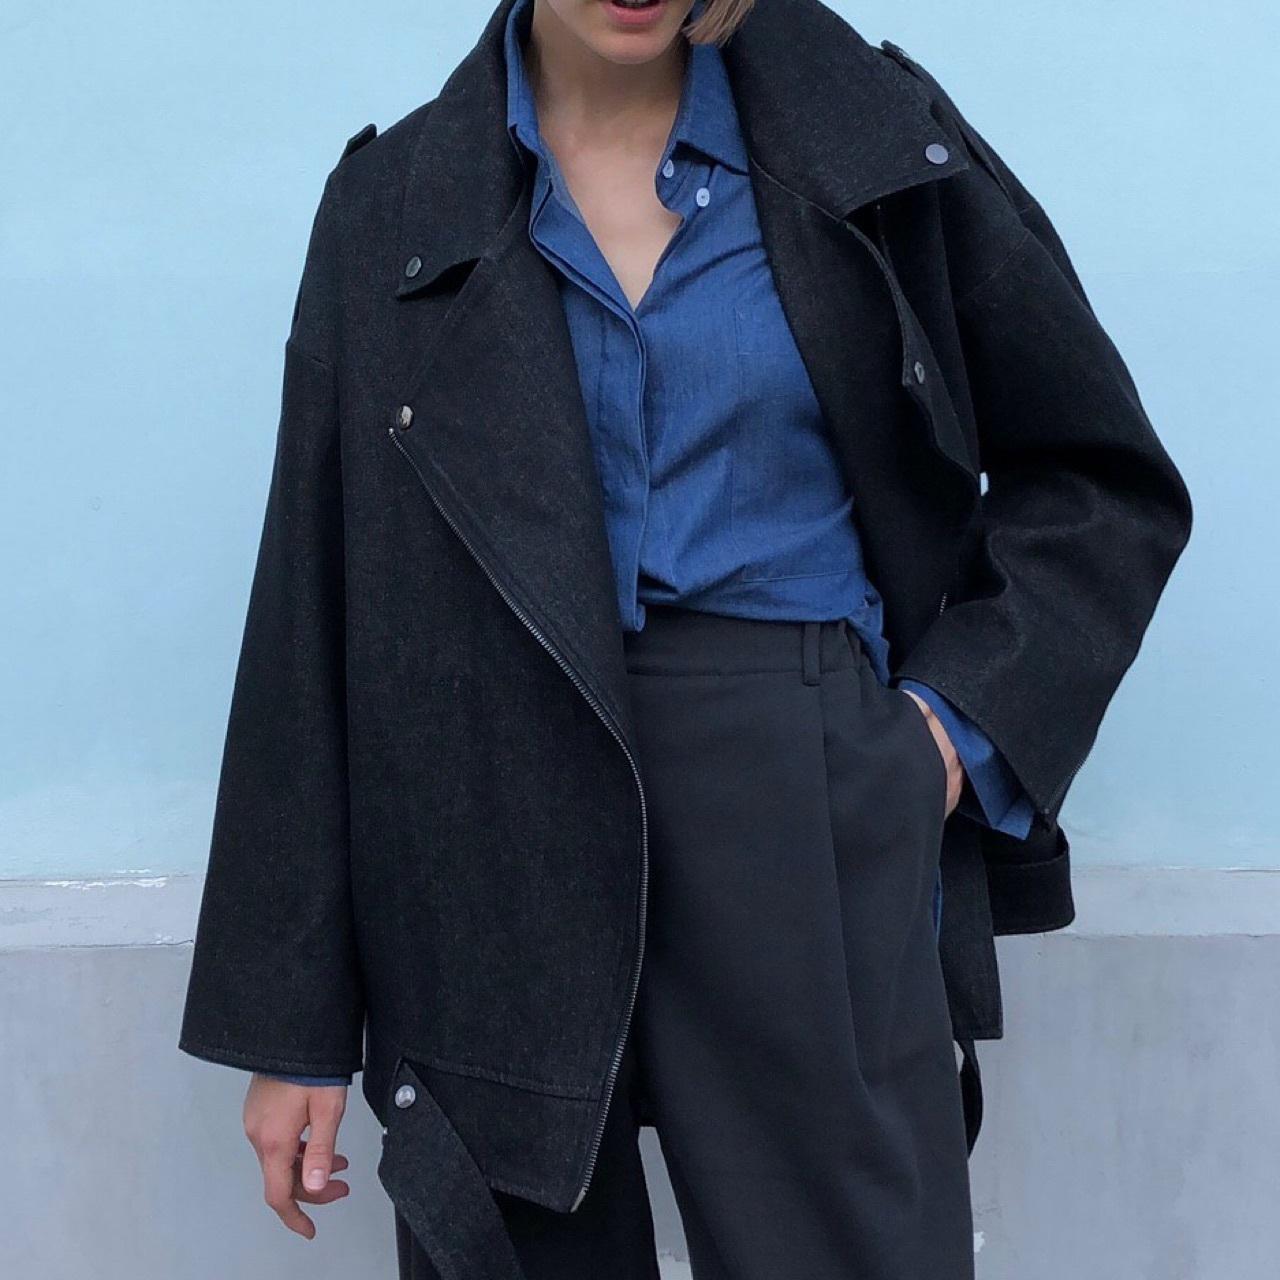 Рубашка оверсайз в мужском стиле, синий хлопок